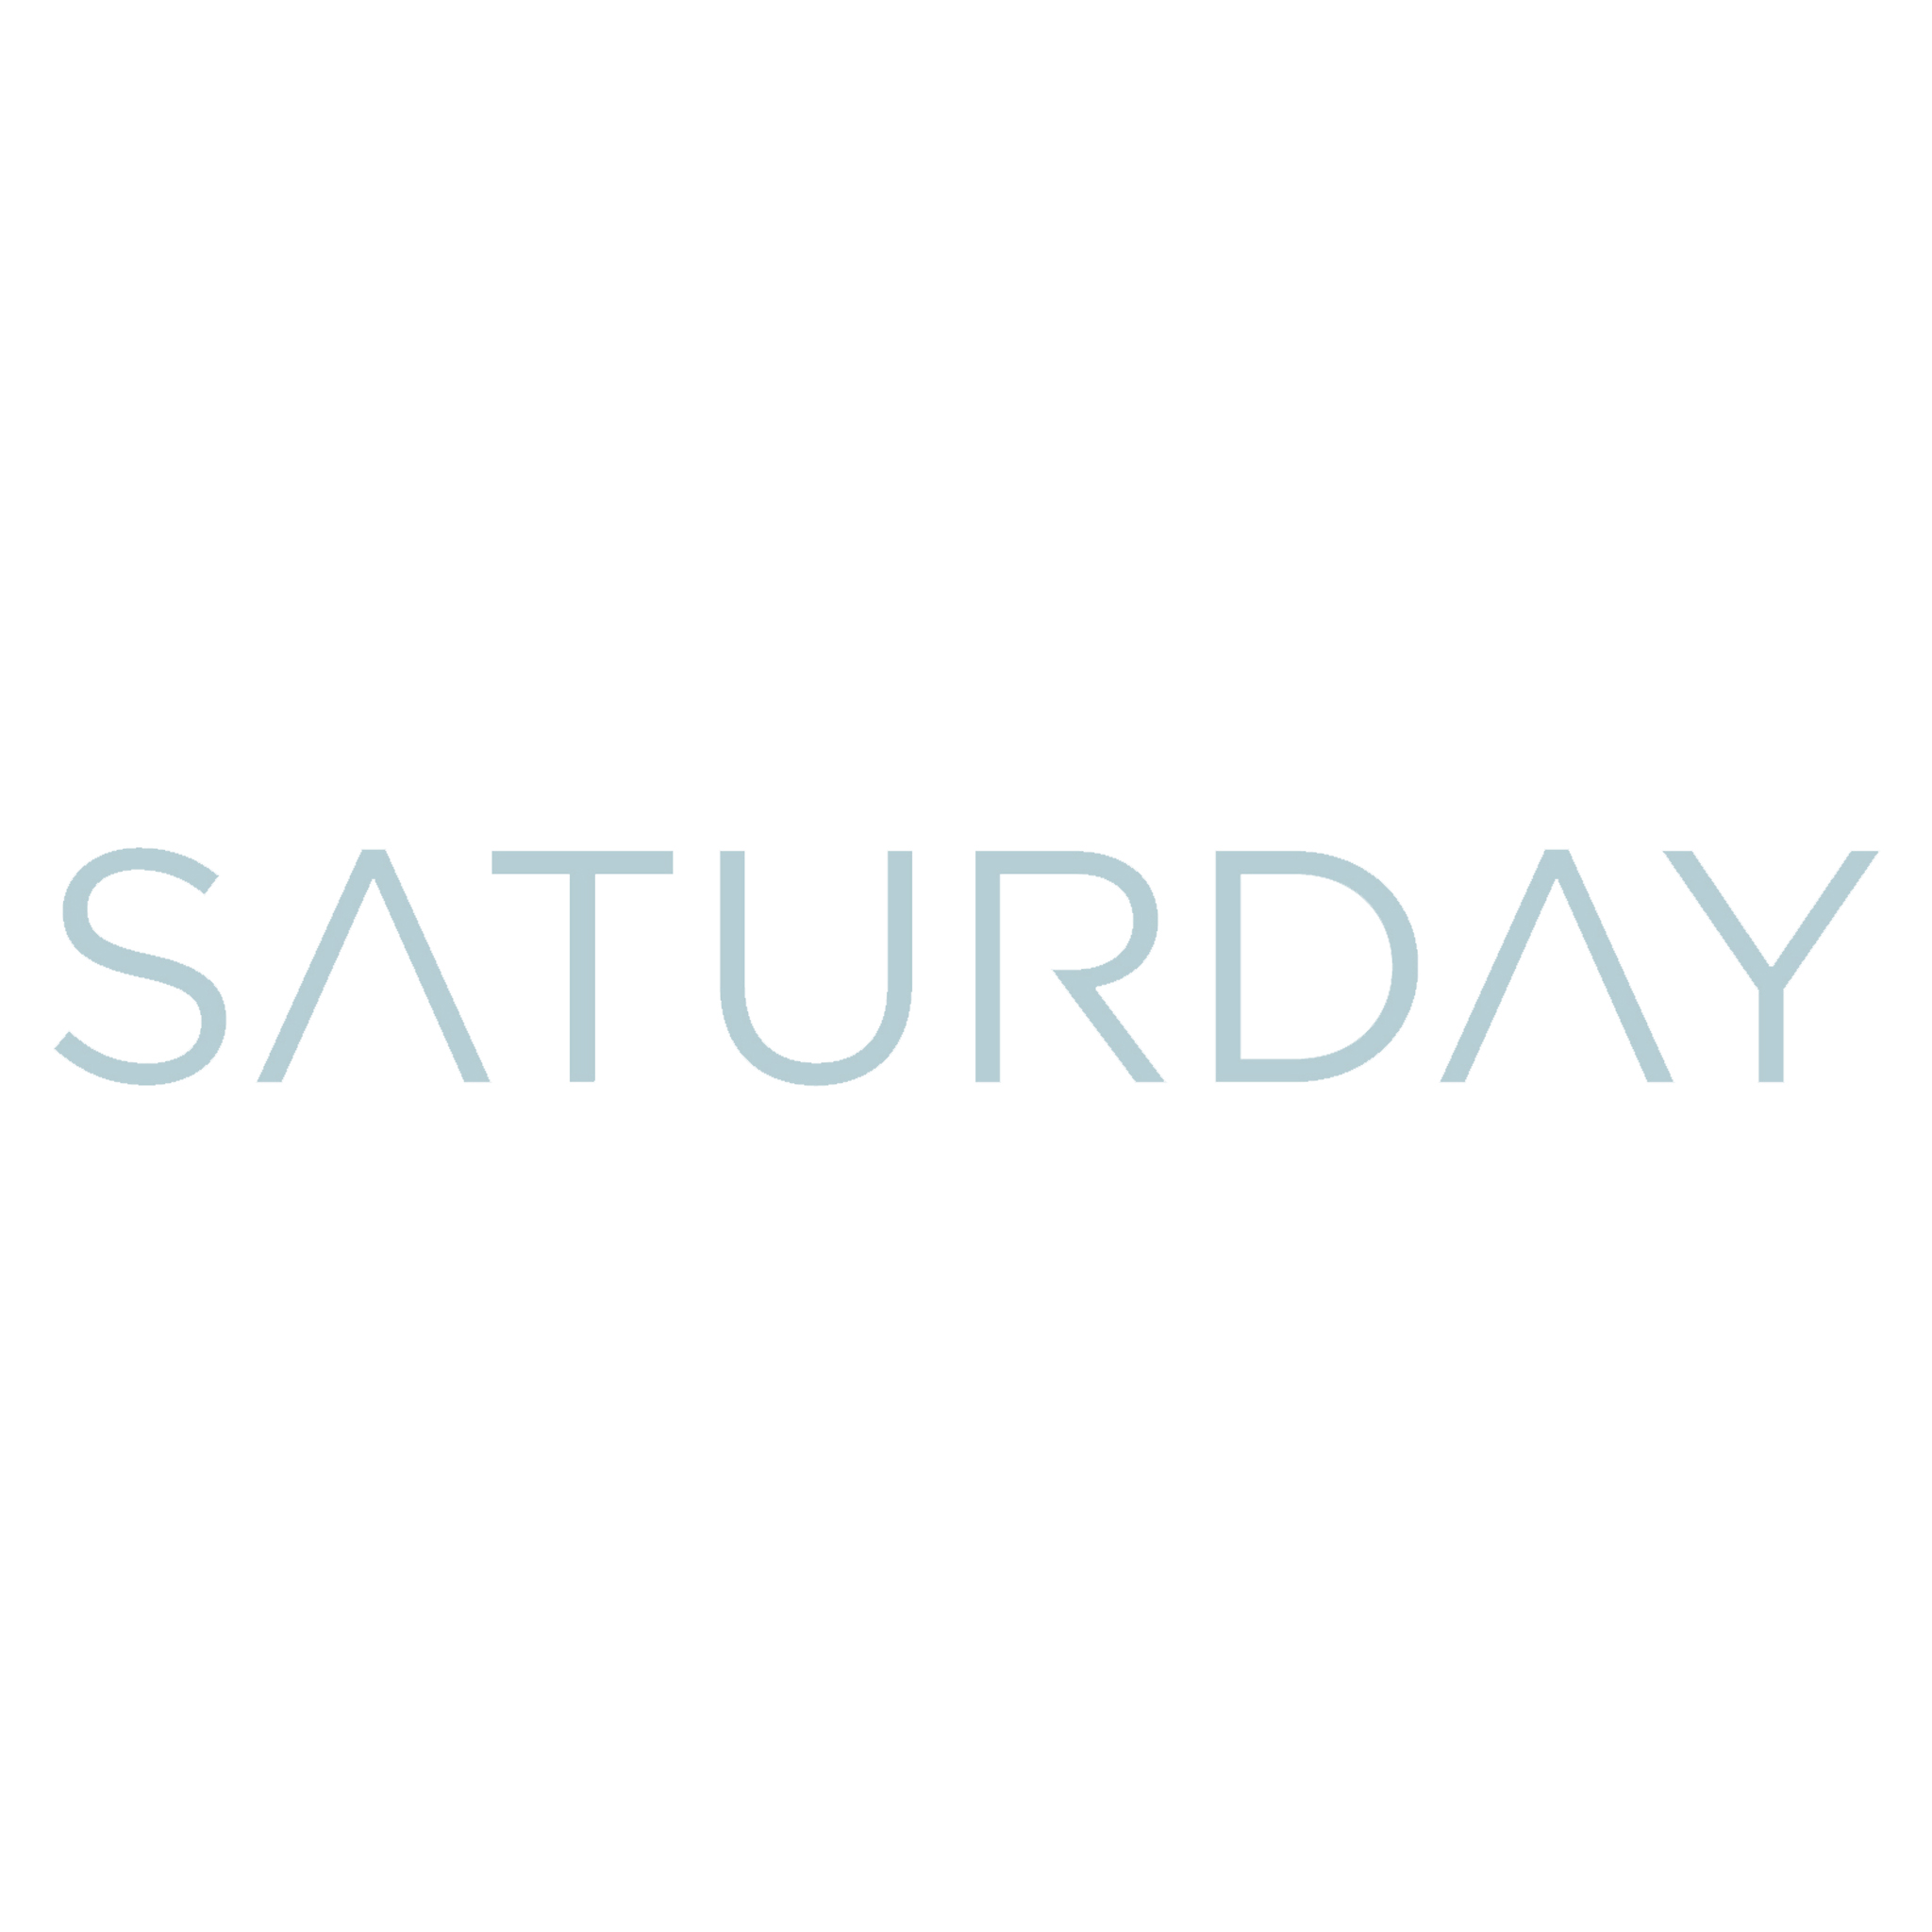 Lido Saturday - Bacoli